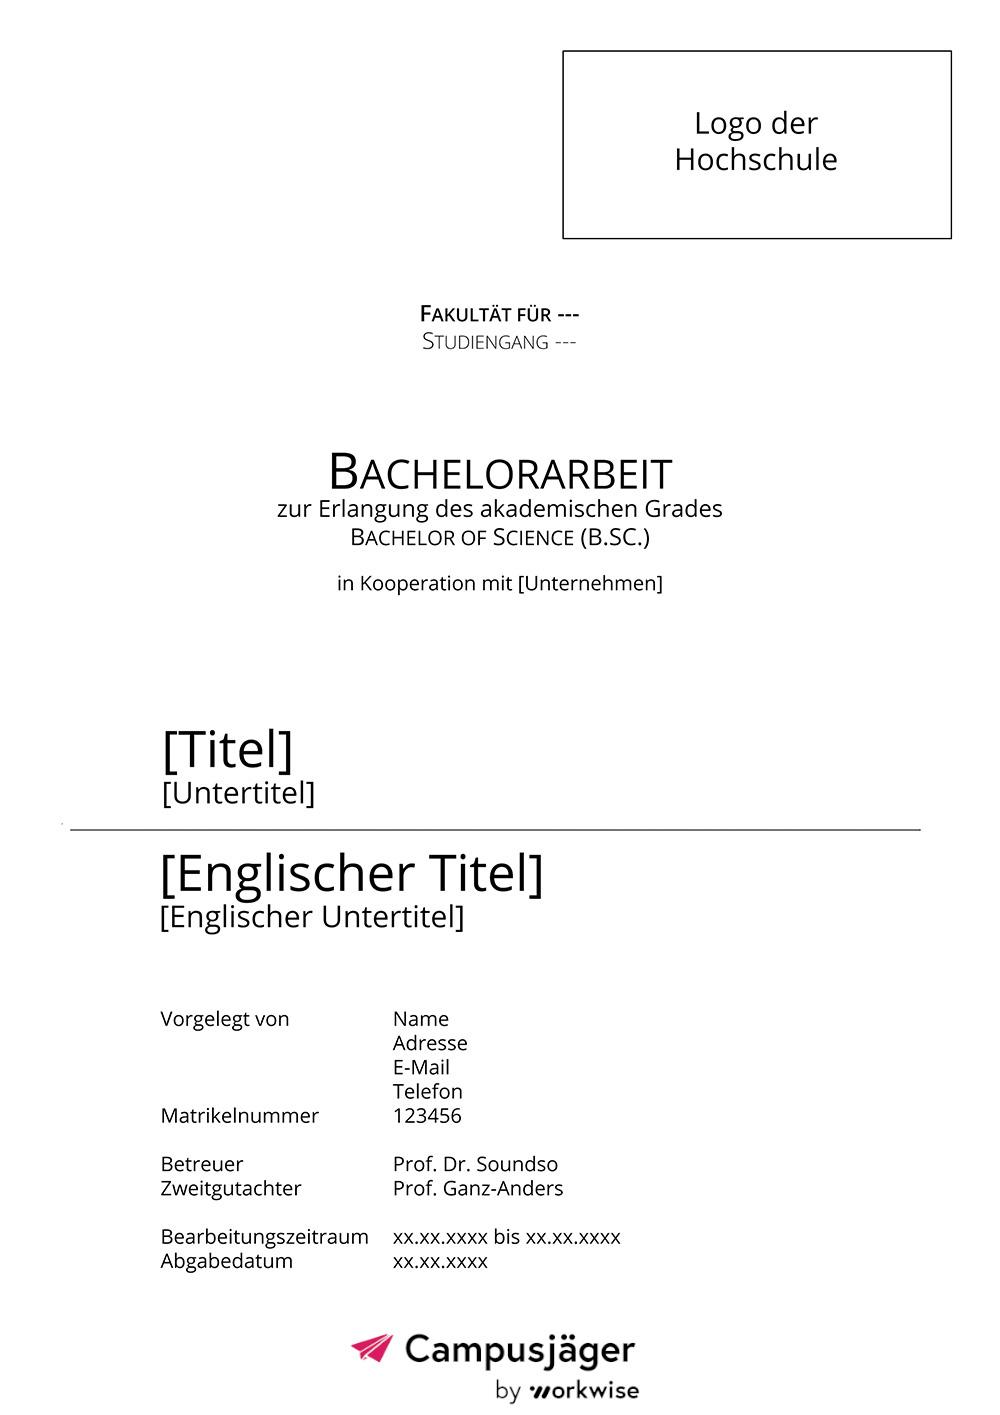 Deckblatt-Bachelorarbeit-Vorlage